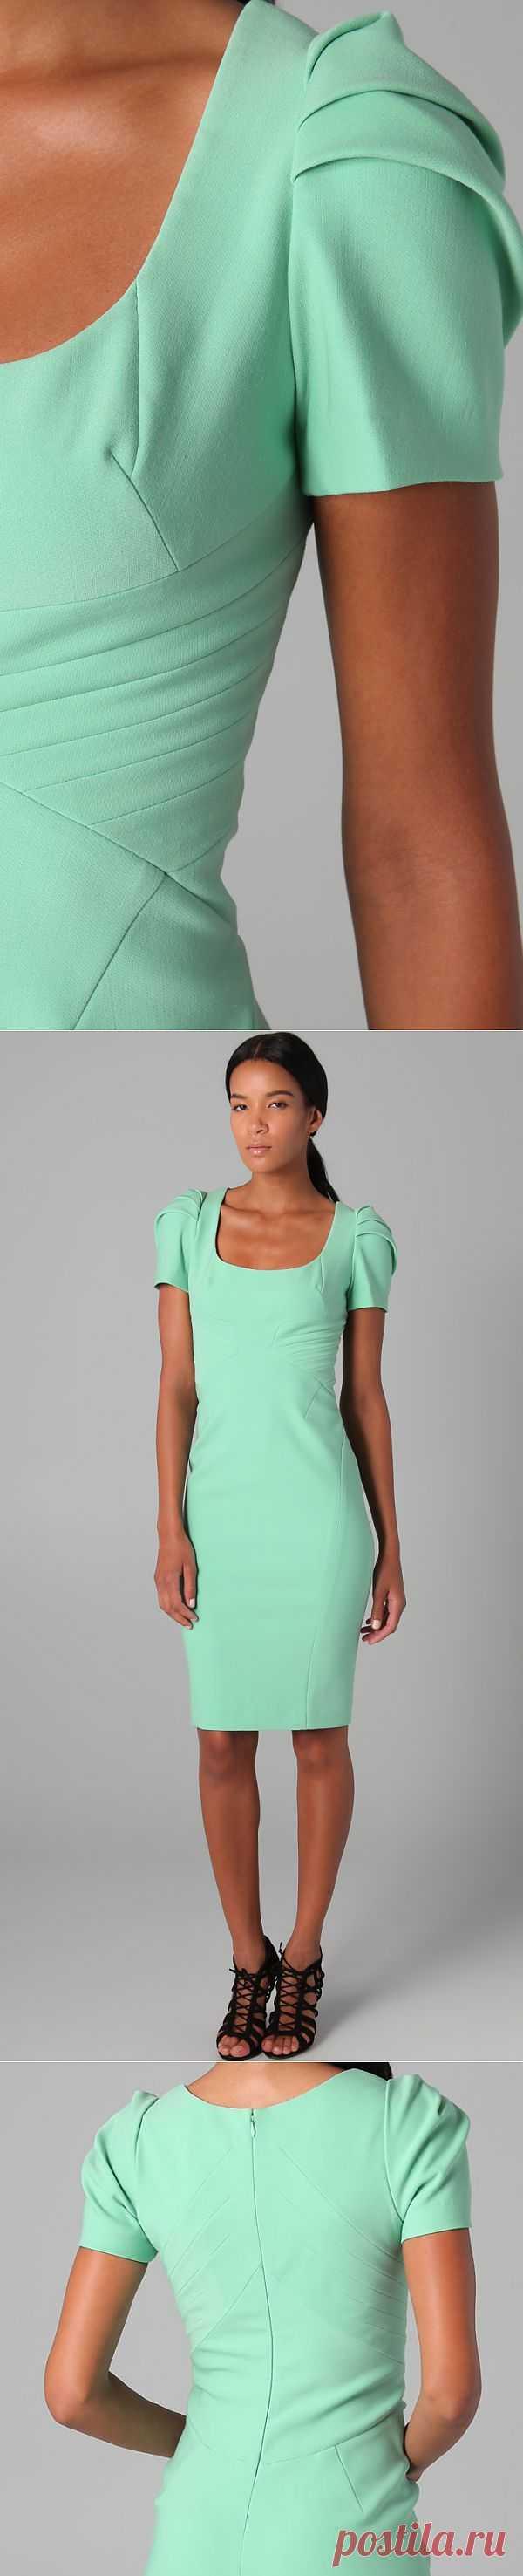 Потрясающего кроя платье Zac Posen / Вещь / Модный сайт о стильной переделке одежды и интерьера